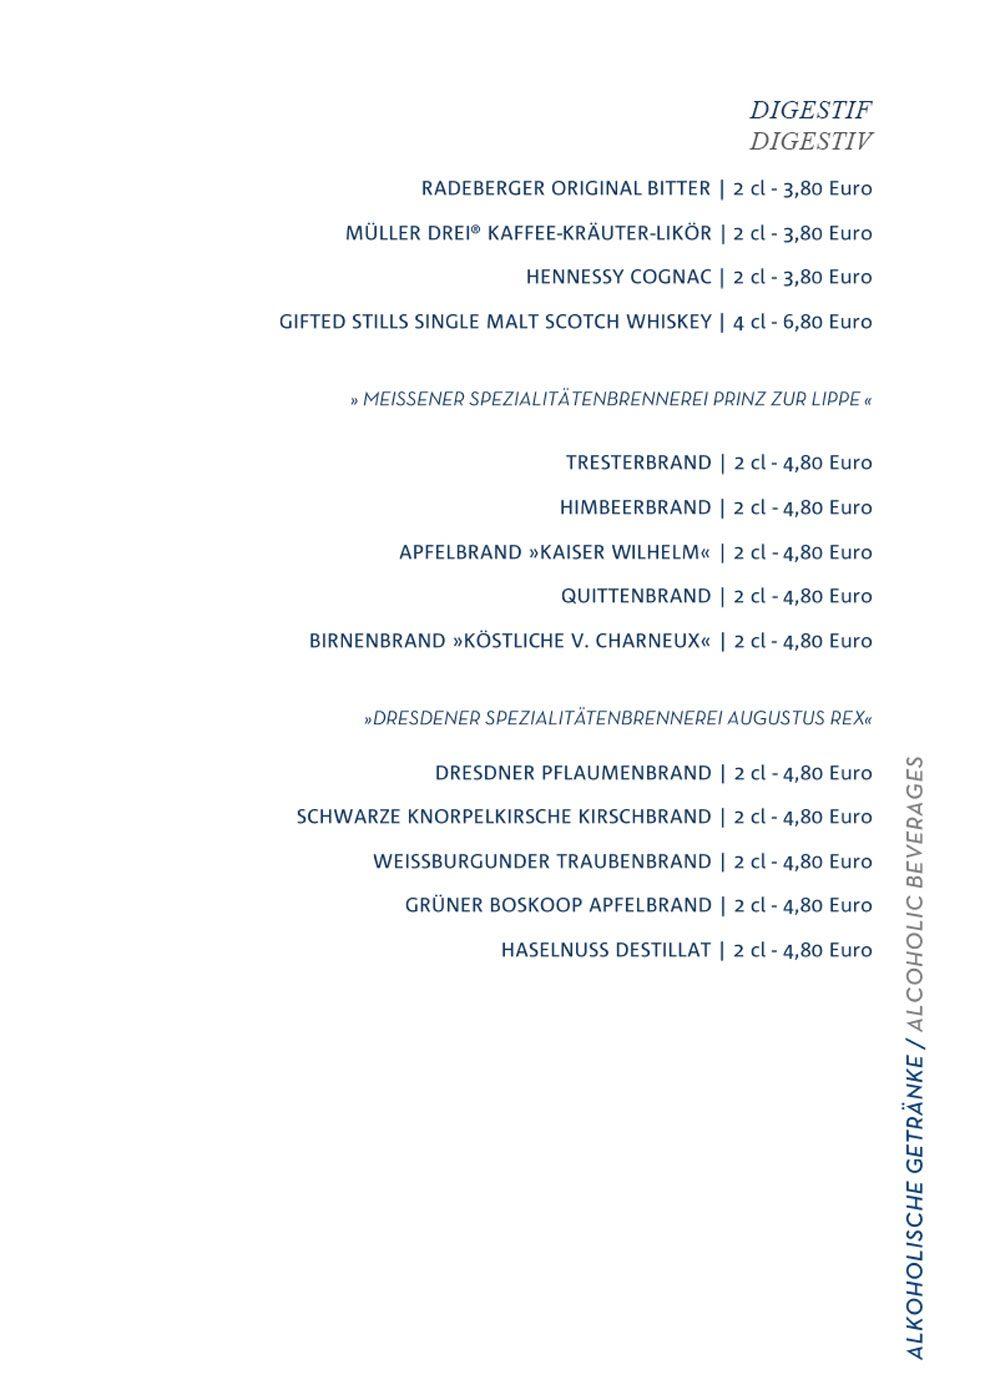 https://www.vitrum-dresden.de/wp-content/uploads/2019/06/e-VITRUM_Speisekarte_Sommer16-990x1400.jpg